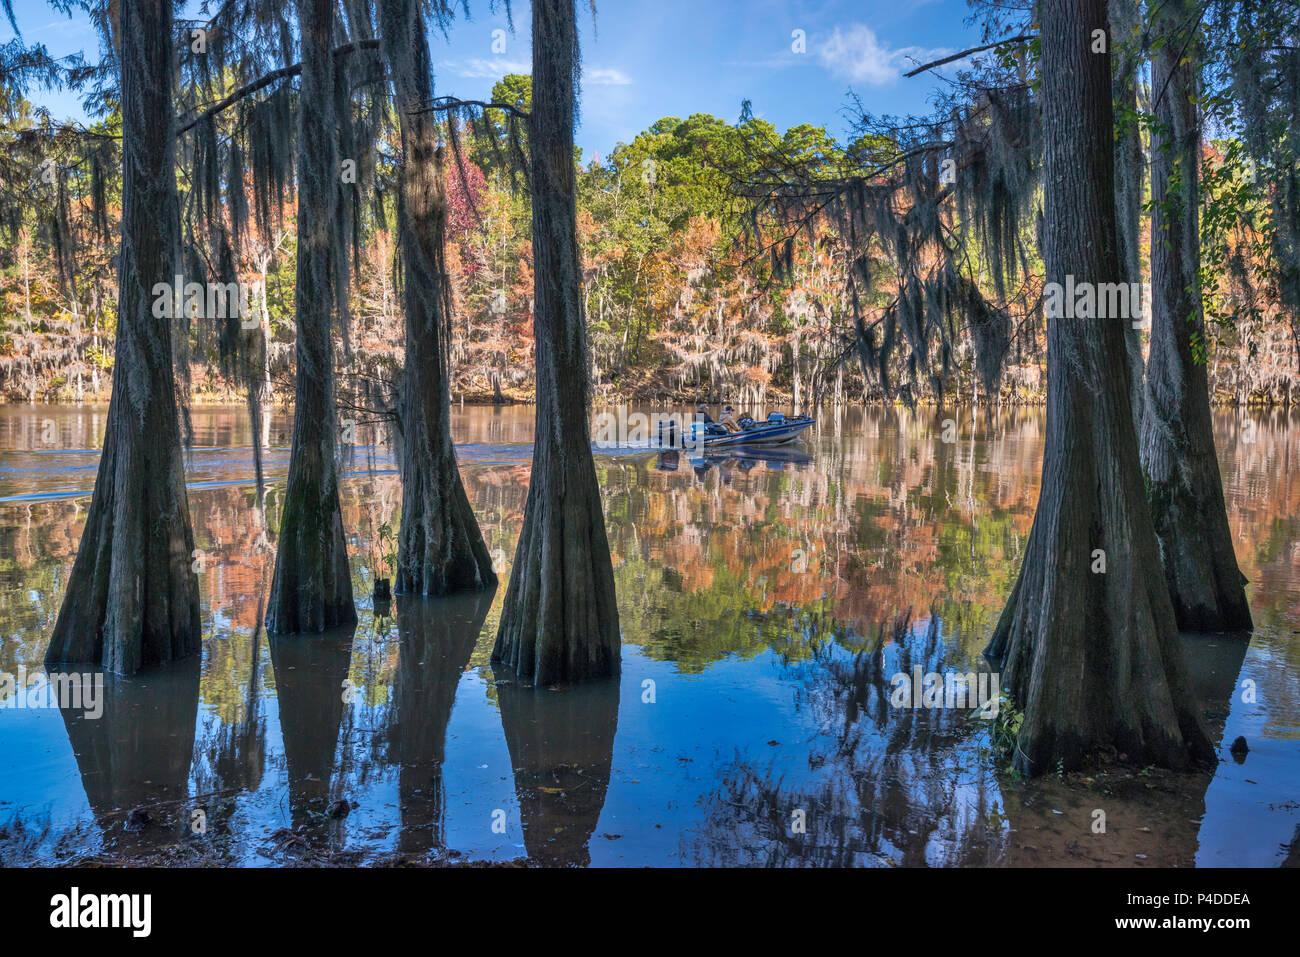 Due uomini in motoscafo, cipresso calvo alberi a Big Cypress Bayou a caddo Lake State Park, Texas, Stati Uniti d'America Immagini Stock